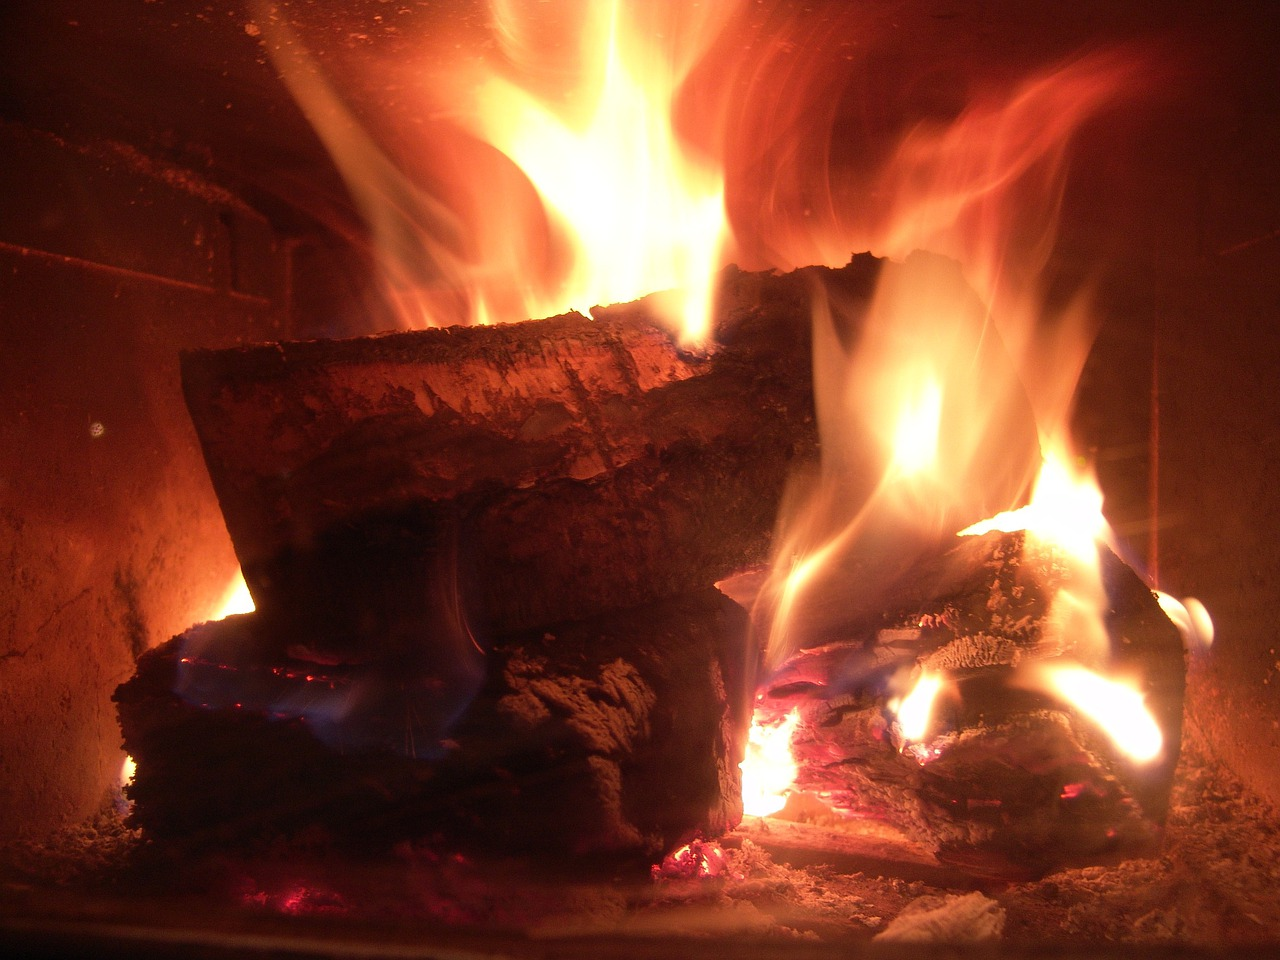 梦见熊熊烈火烧房子 梦见熊熊烈火是什么征兆